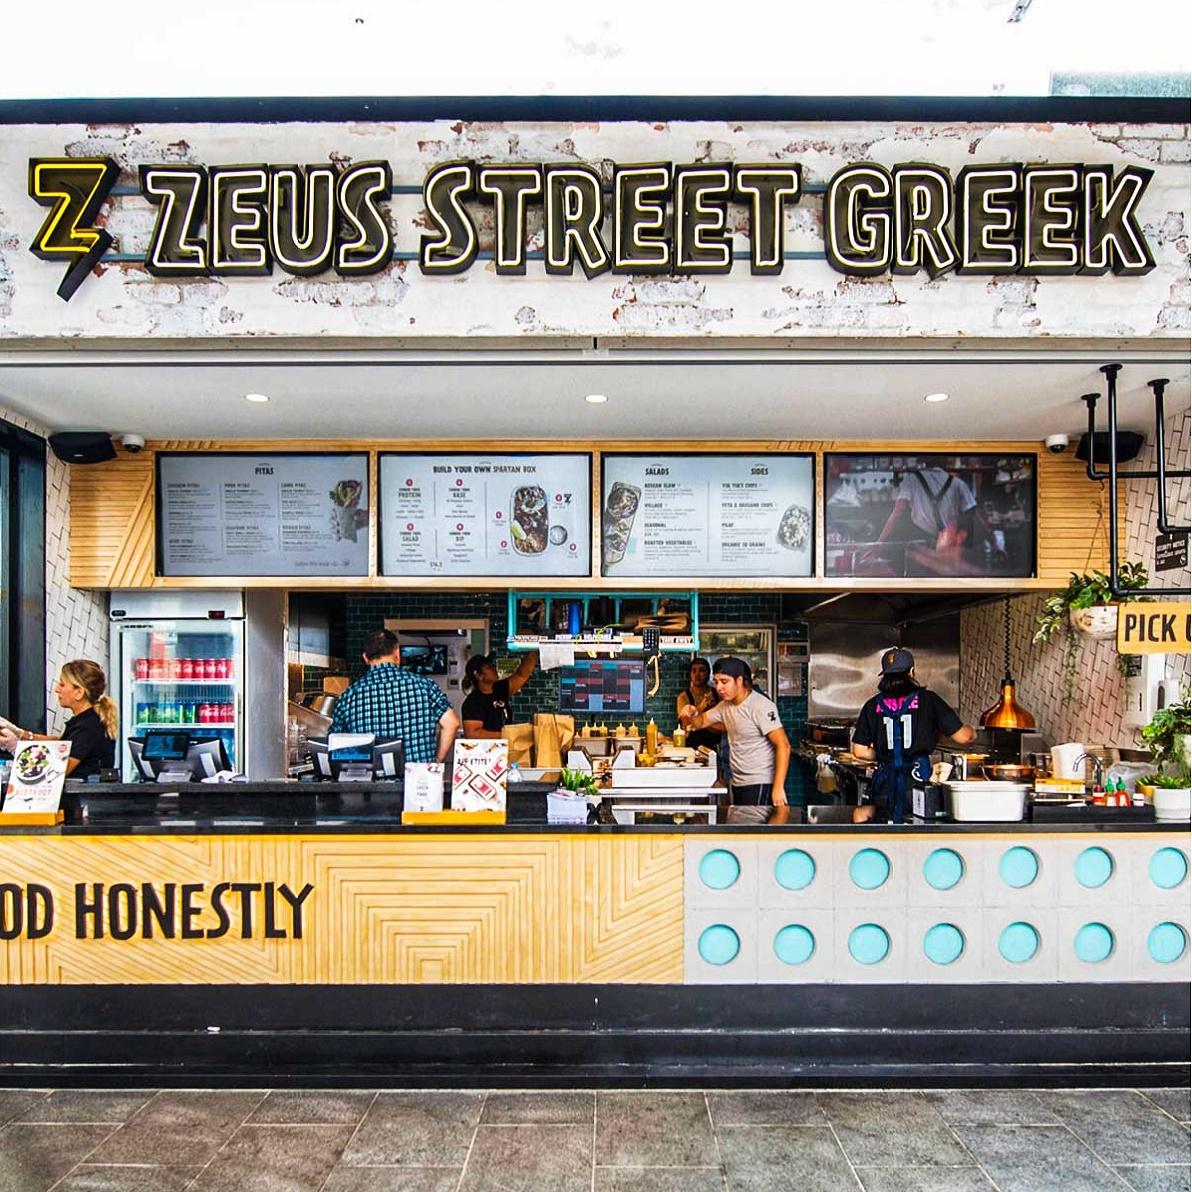 Zeus Street Greek store